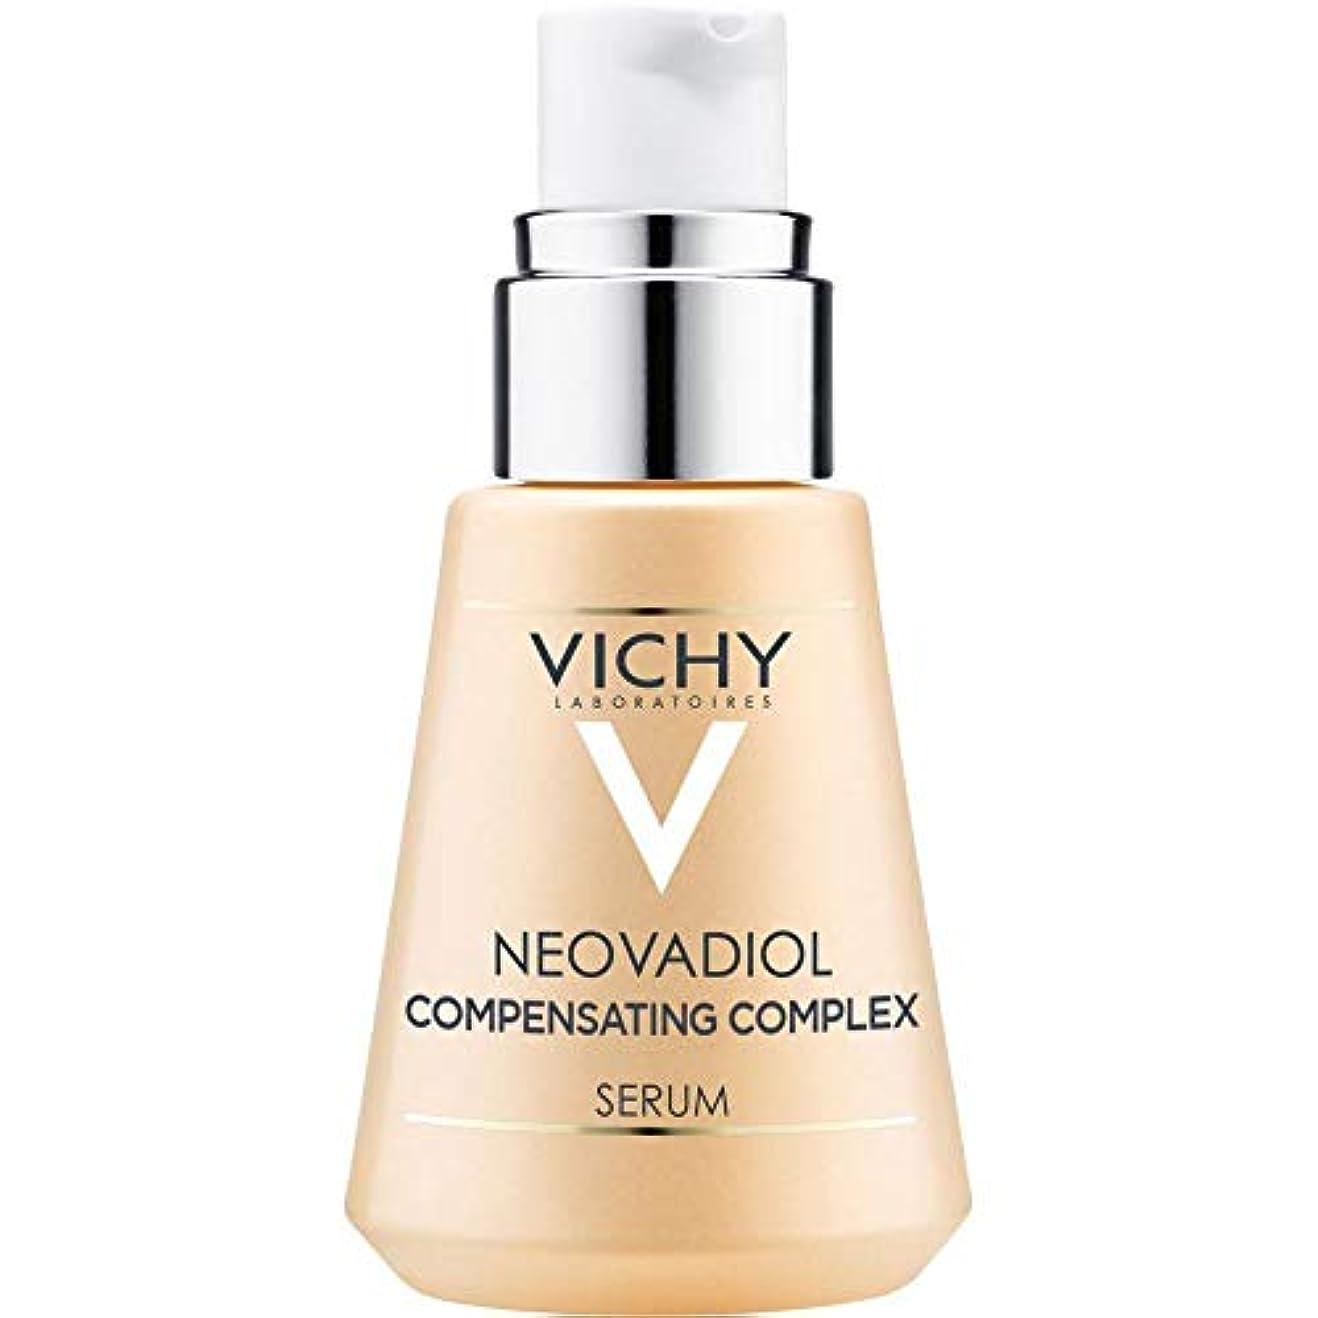 鬼ごっこ例安西[Vichy] 複雑なセラム30Mlを補償Neovadiolヴィシー - Vichy Neovadiol Compensating Complex Serum 30ml [並行輸入品]